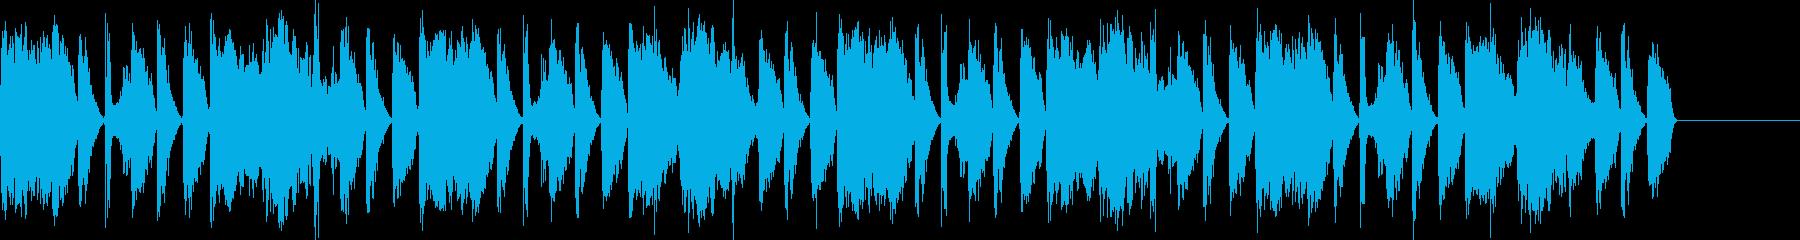 ボイスパーカッションでの16ビートです。の再生済みの波形